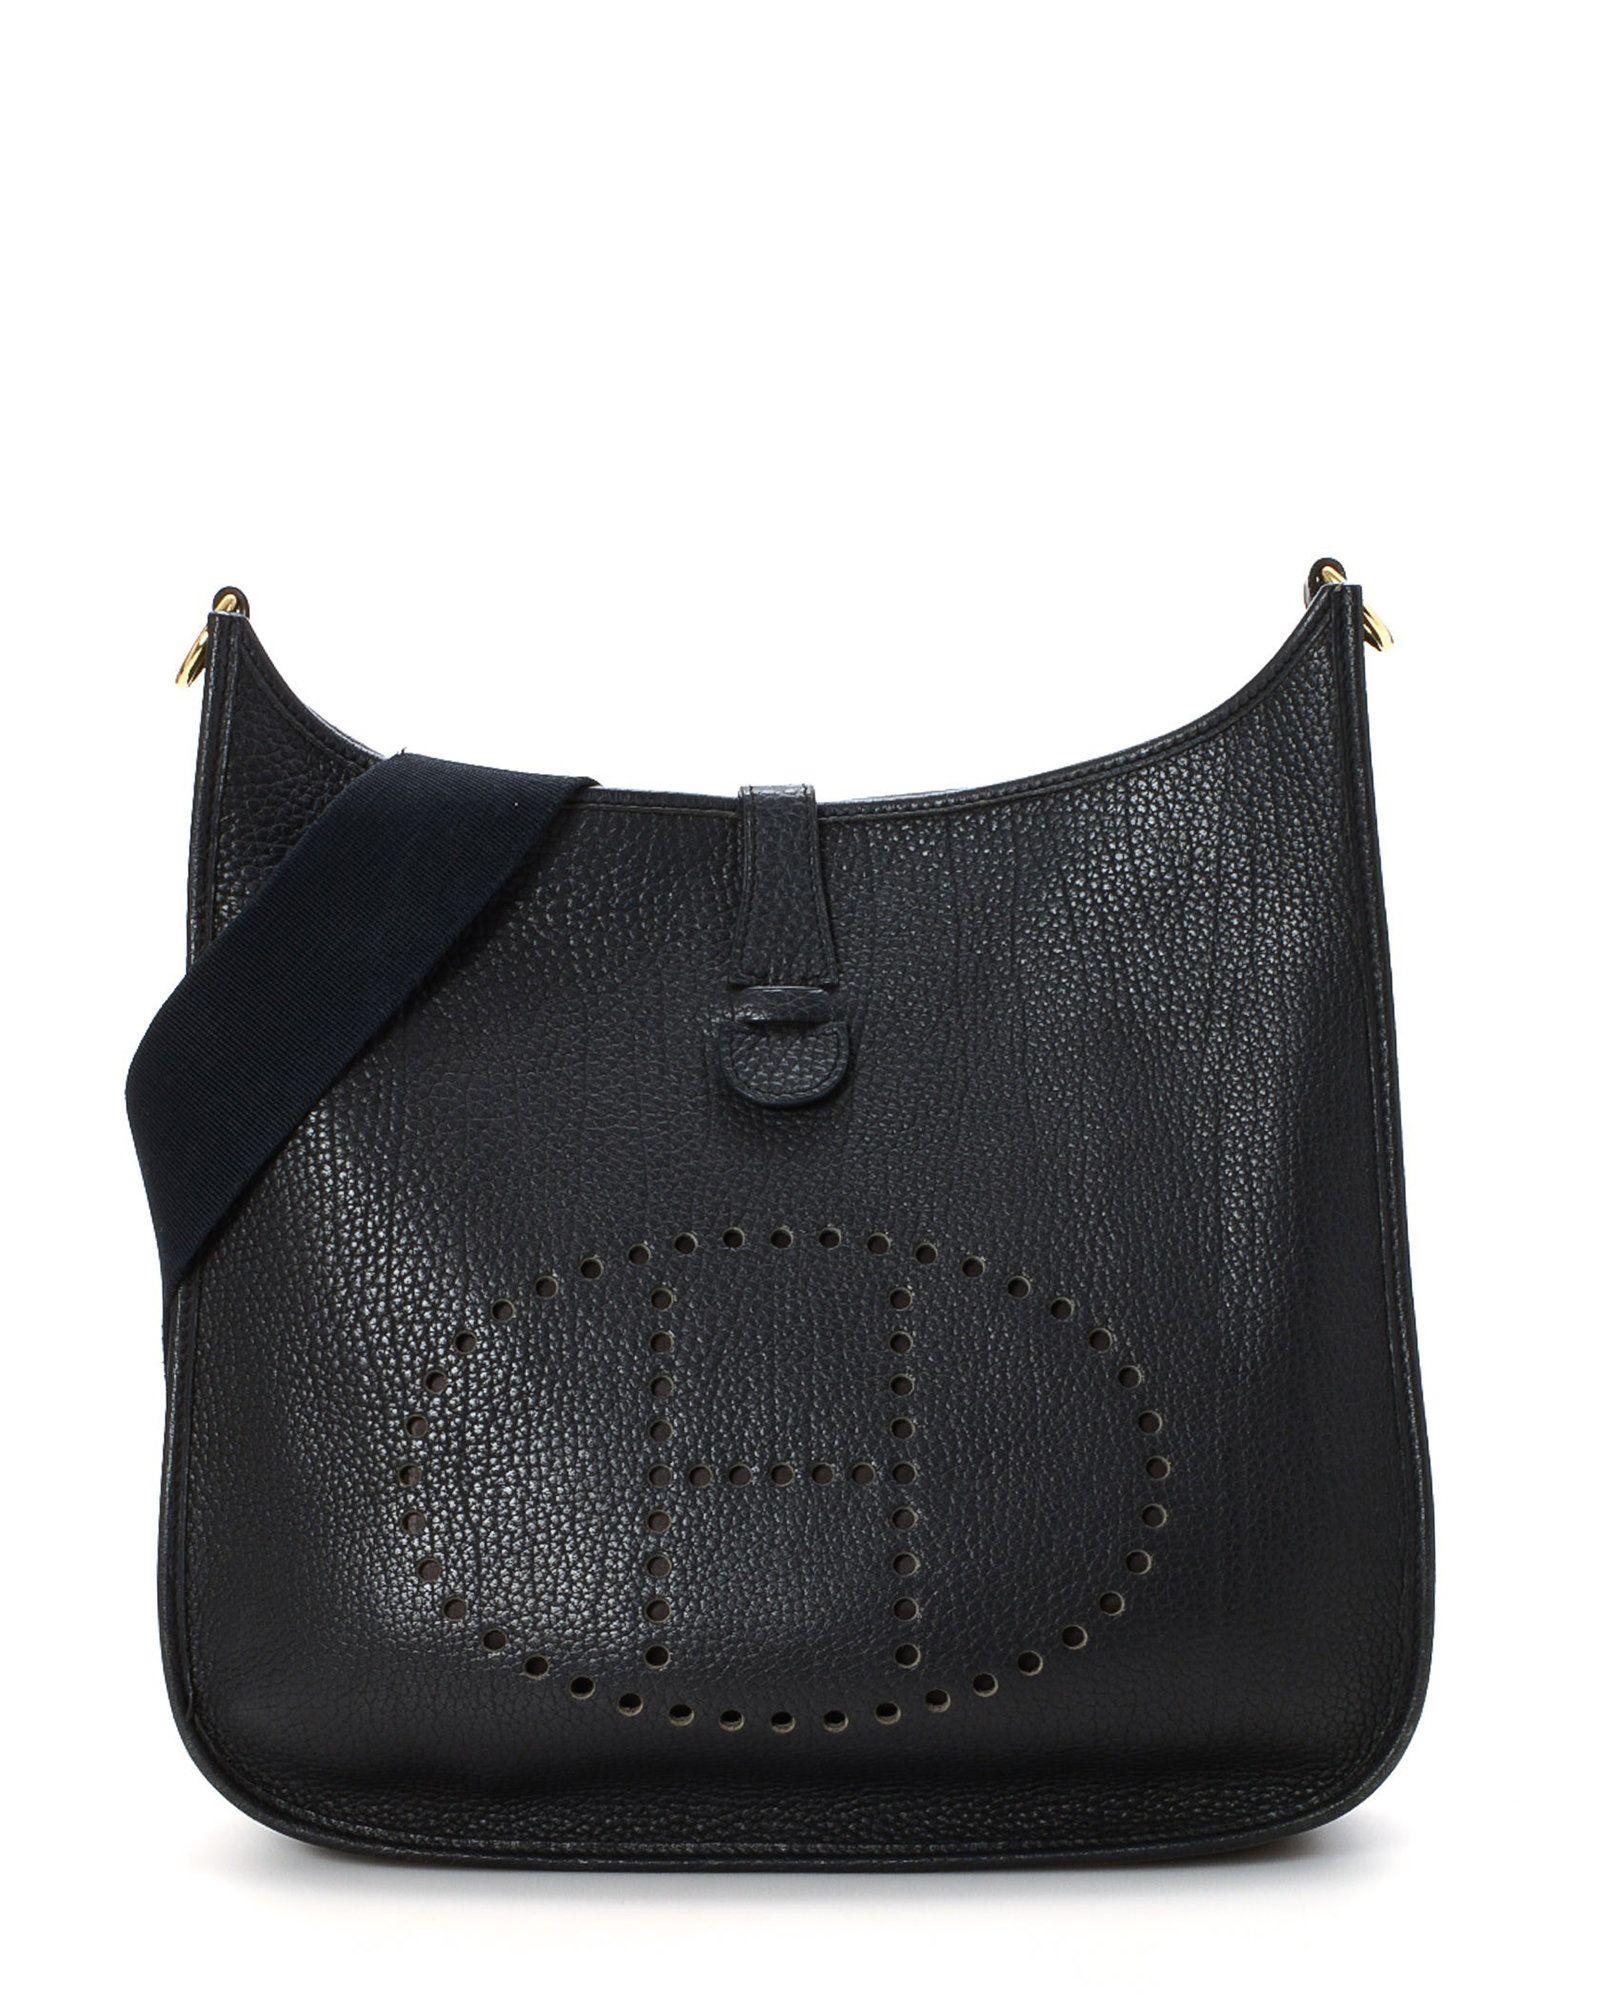 fd8535c29eed ... best price hermÈs evelyne iii 33 shoulder bag vintage 3a4ca 05491 ...